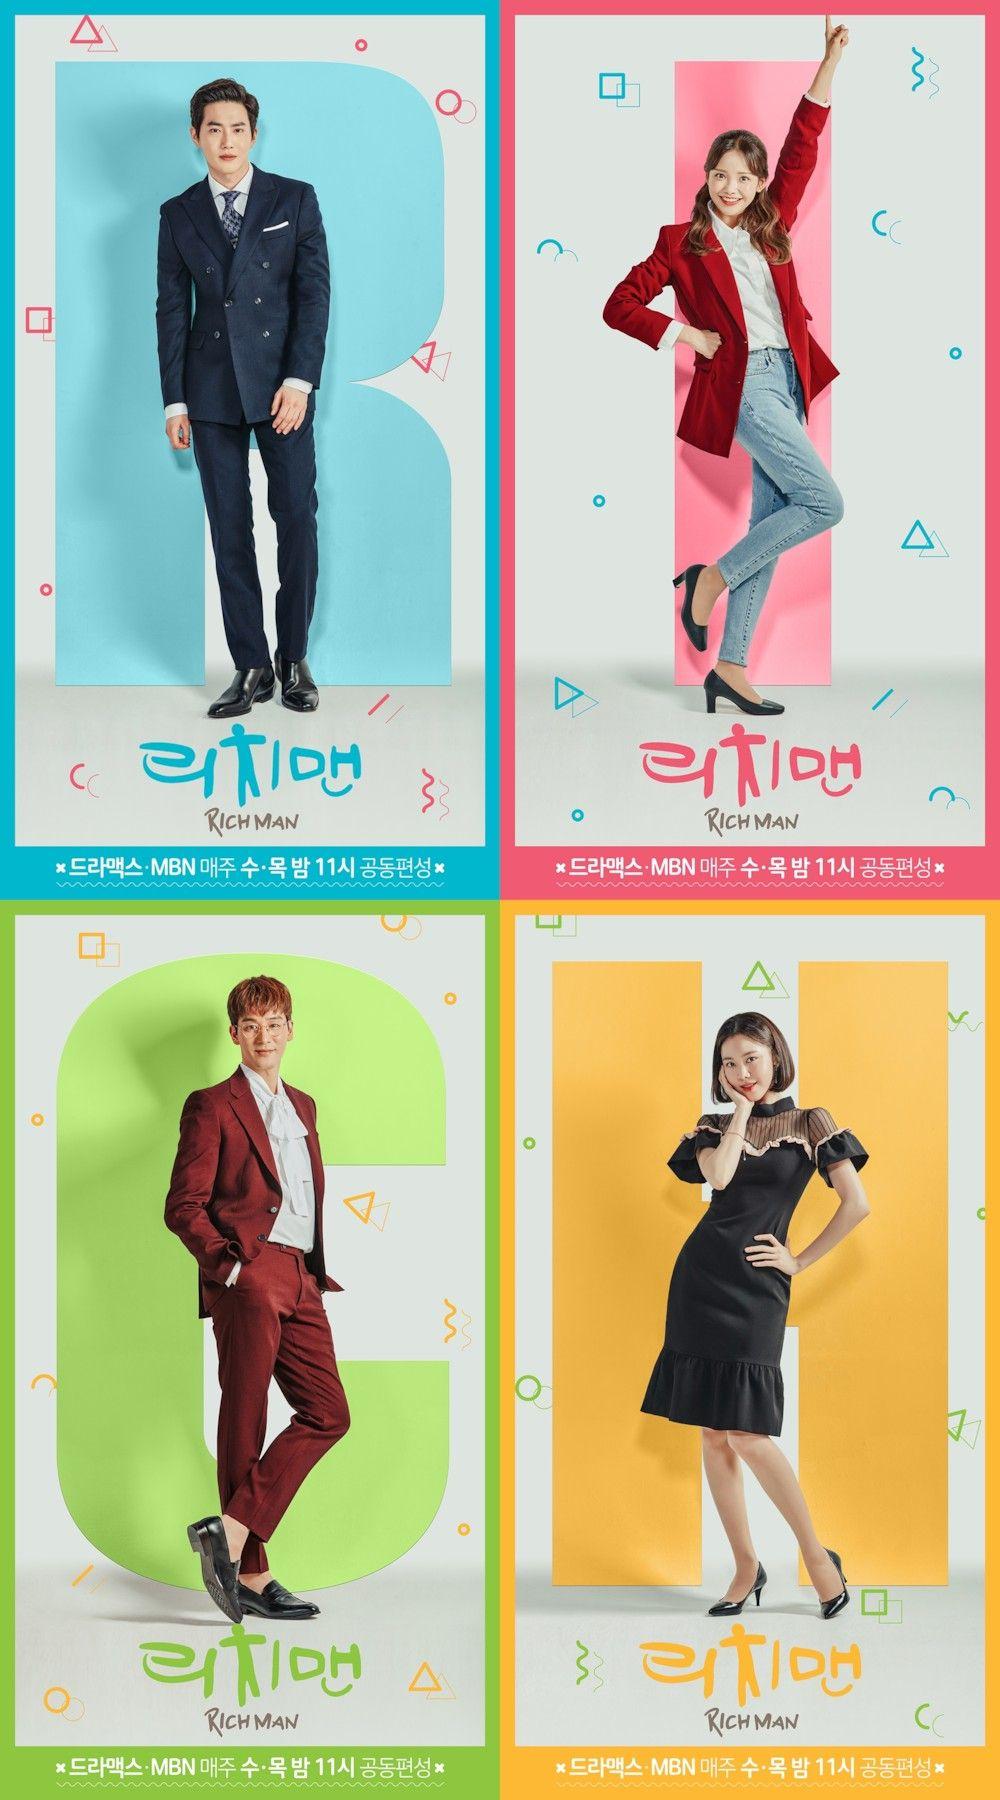 리치맨 - Rich Man [May 9, 2018   Korean Drama]   Kdrama   Rich man